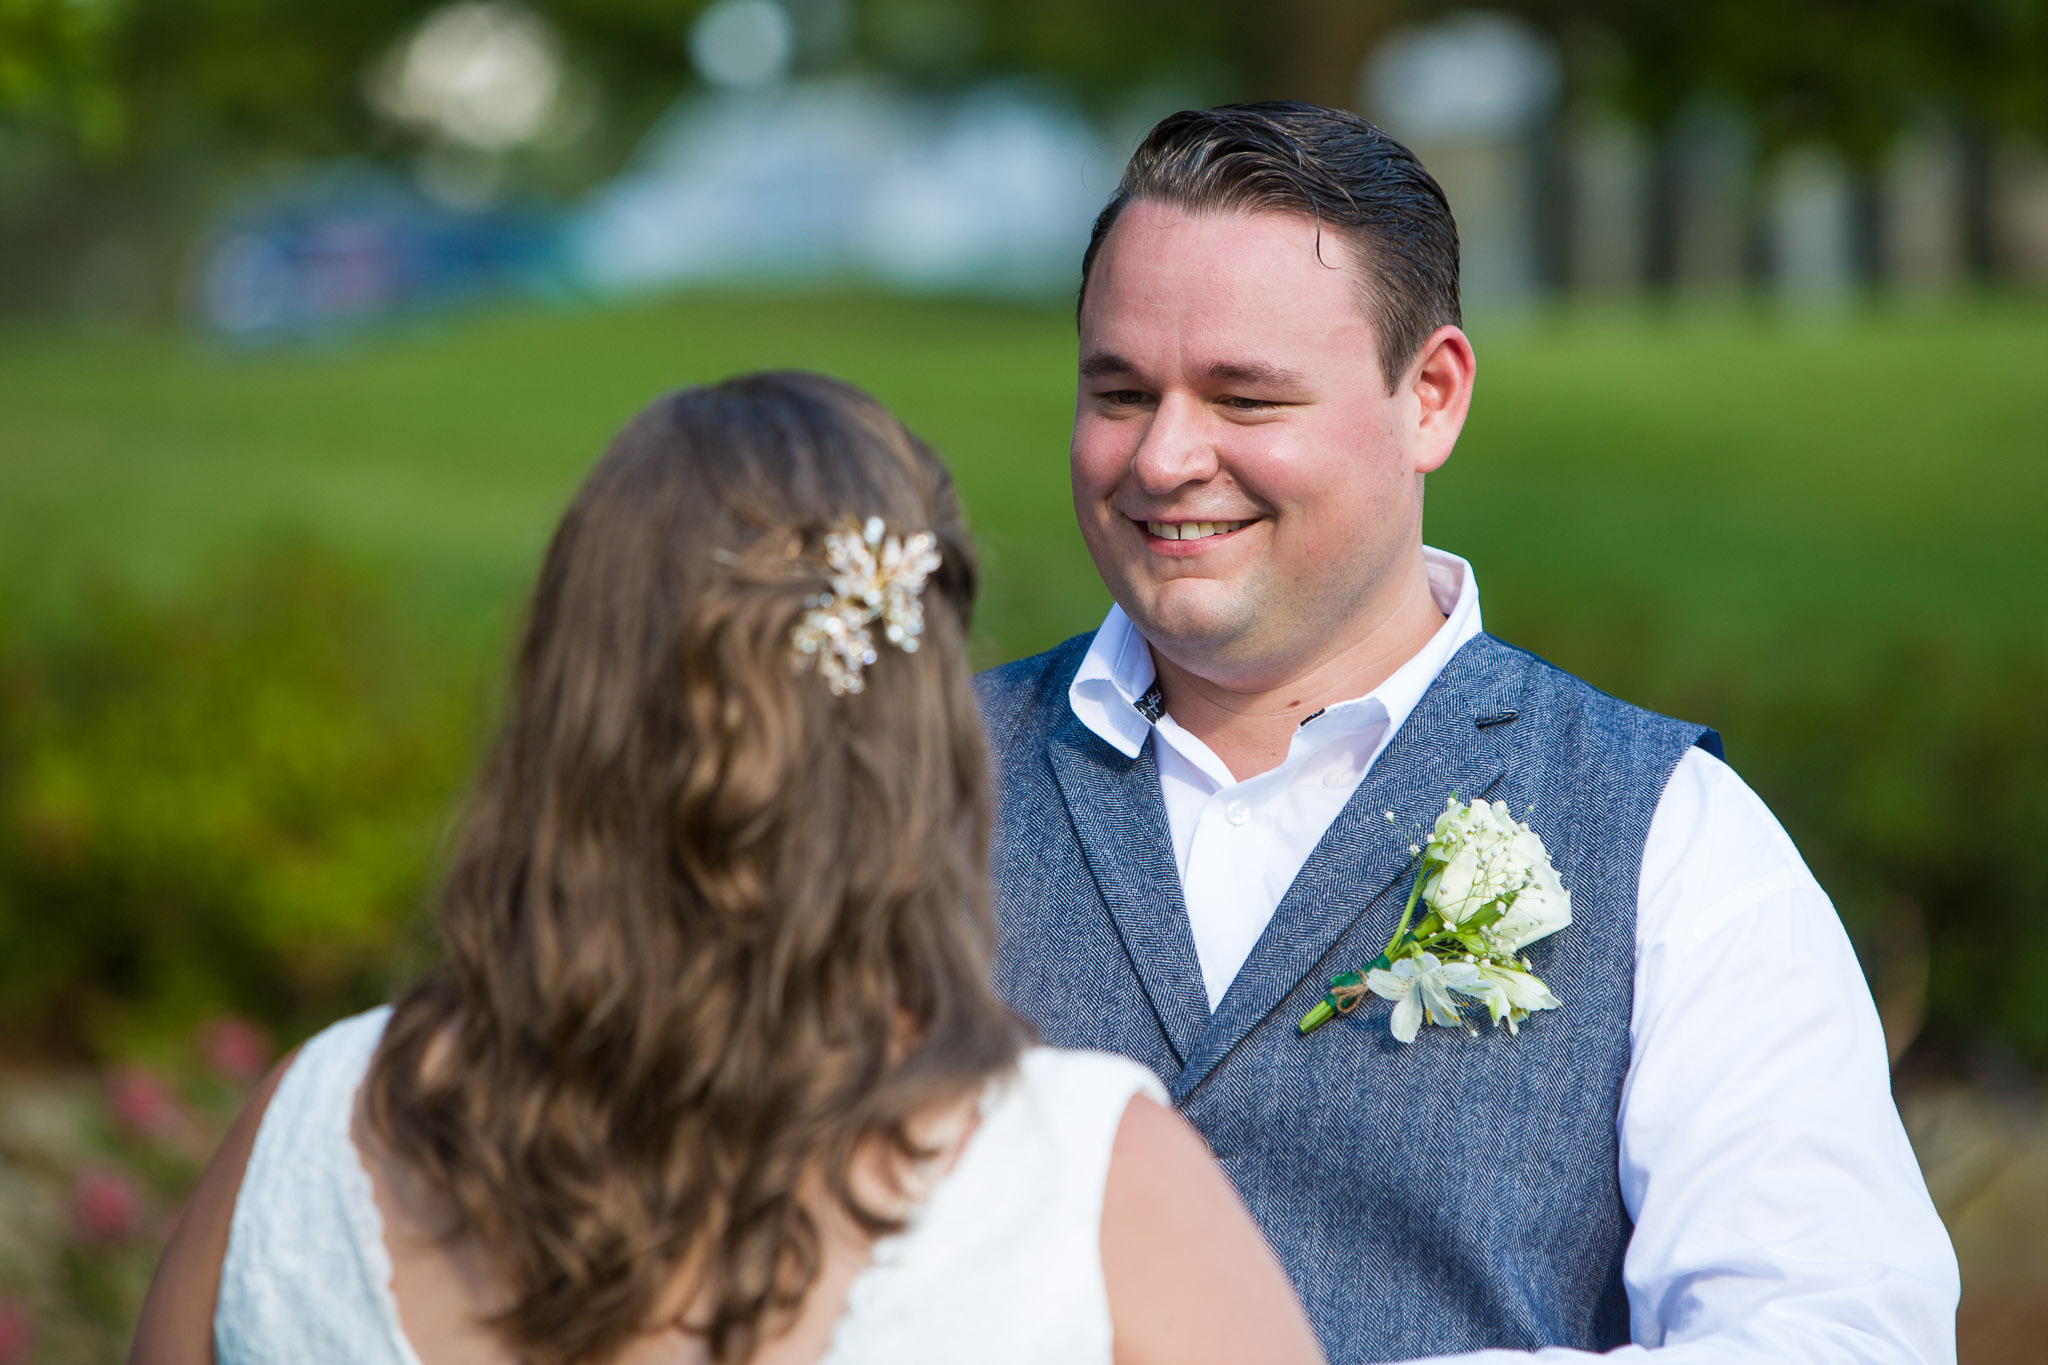 katy-aleks-wedding-shayne-gray-9425.jpg